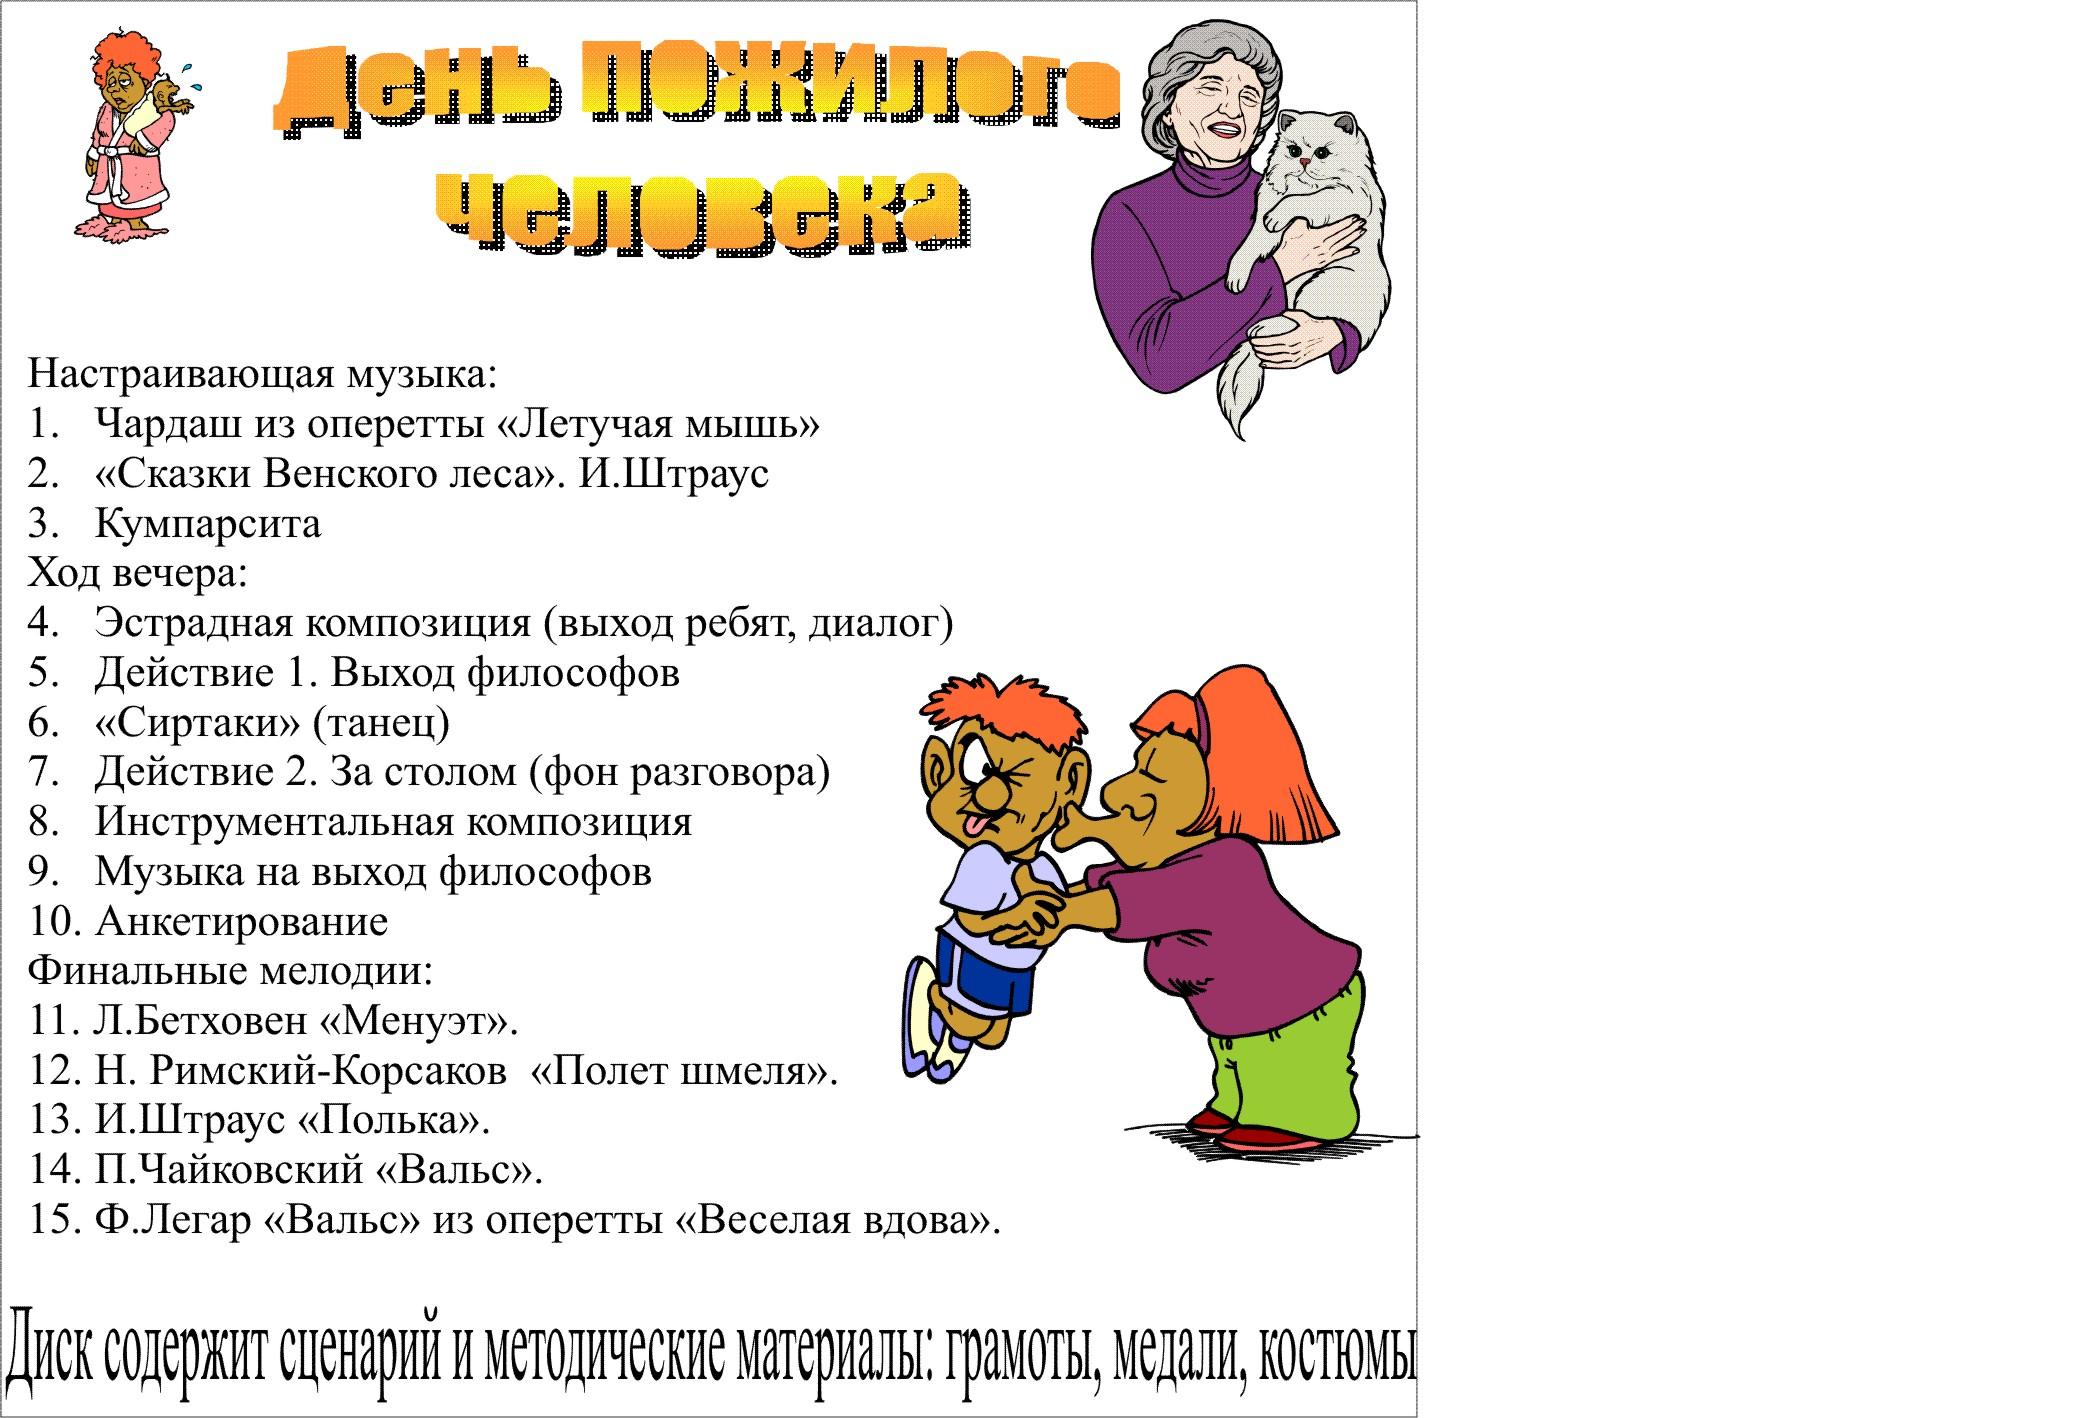 Сценарий к Дню пожилого человека - StranaKids.ru